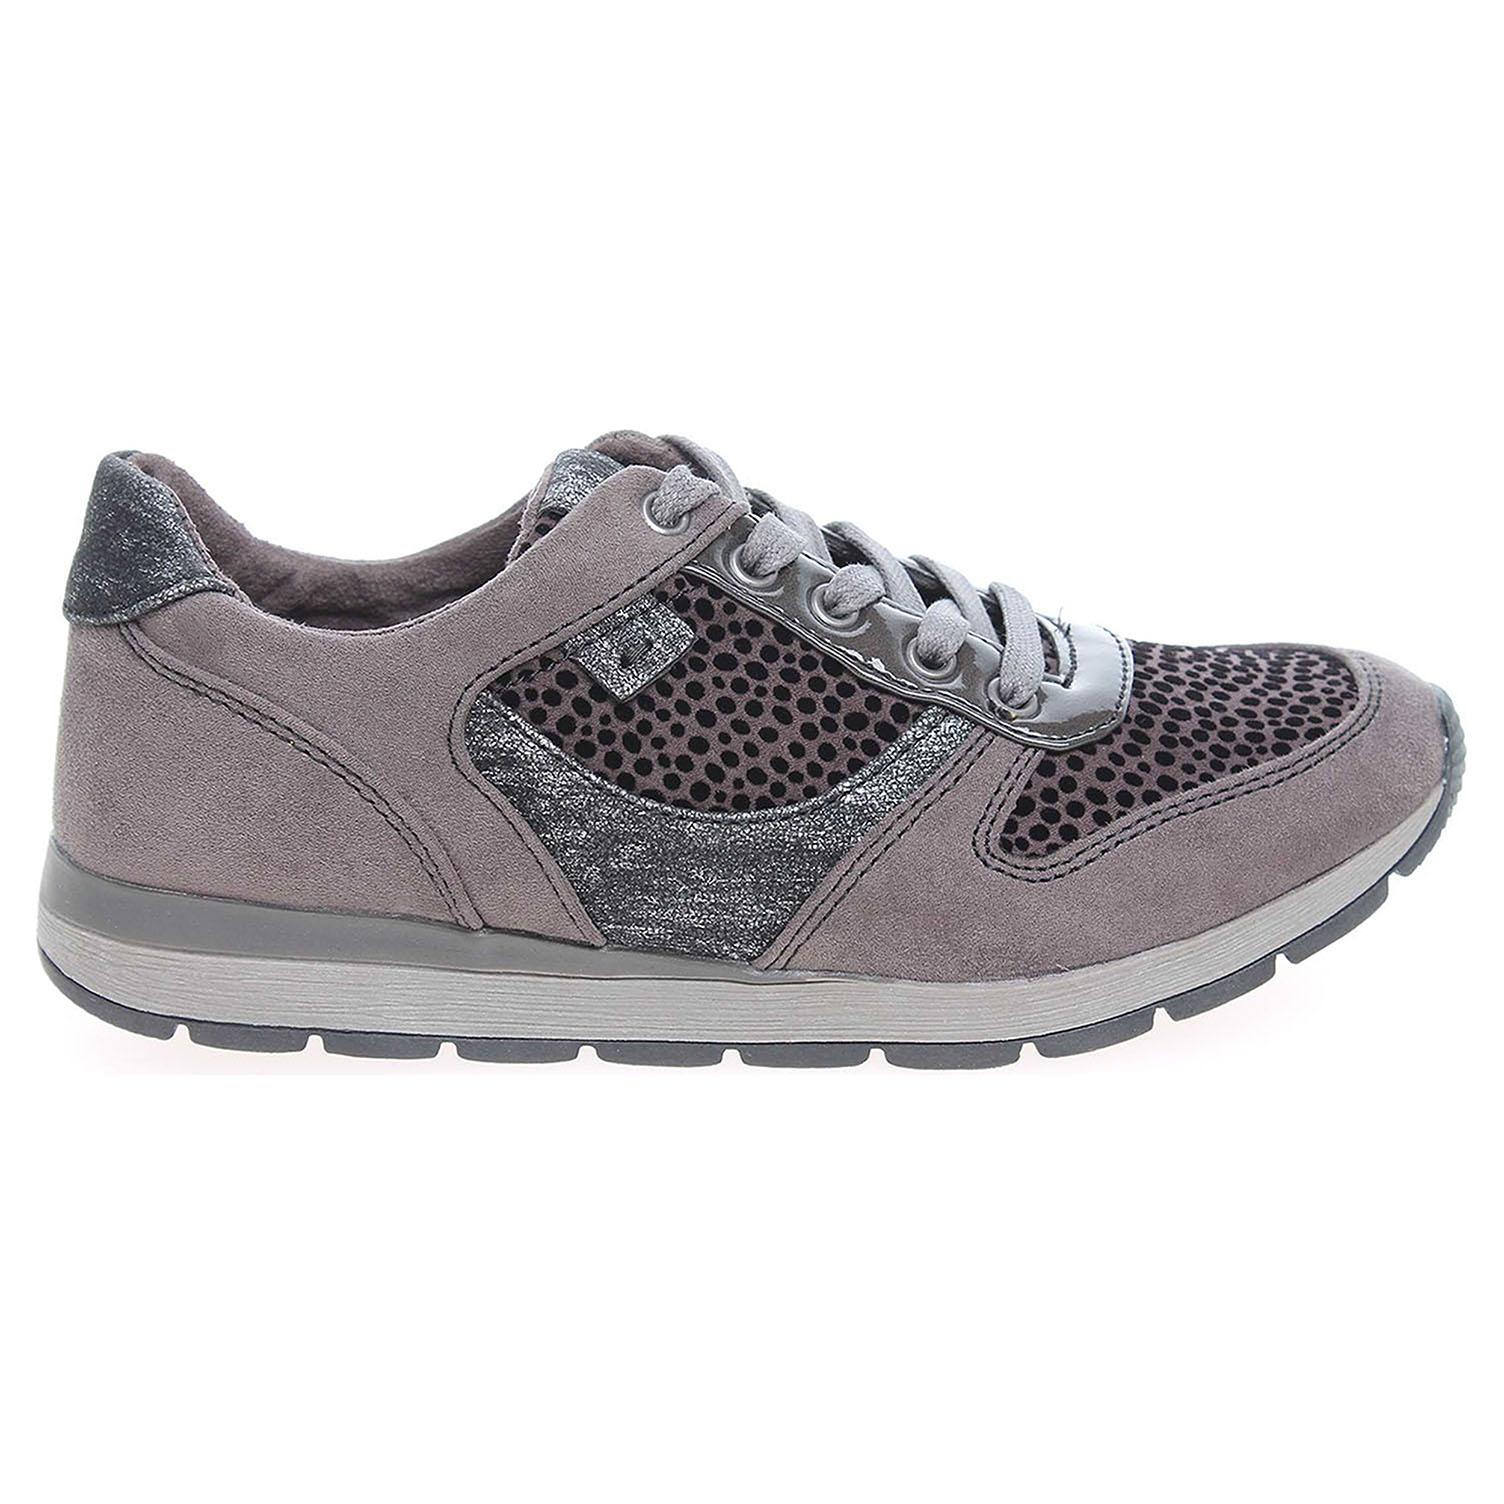 Ecco Jana dámská obuv 8-23771-27 šedá 23200553